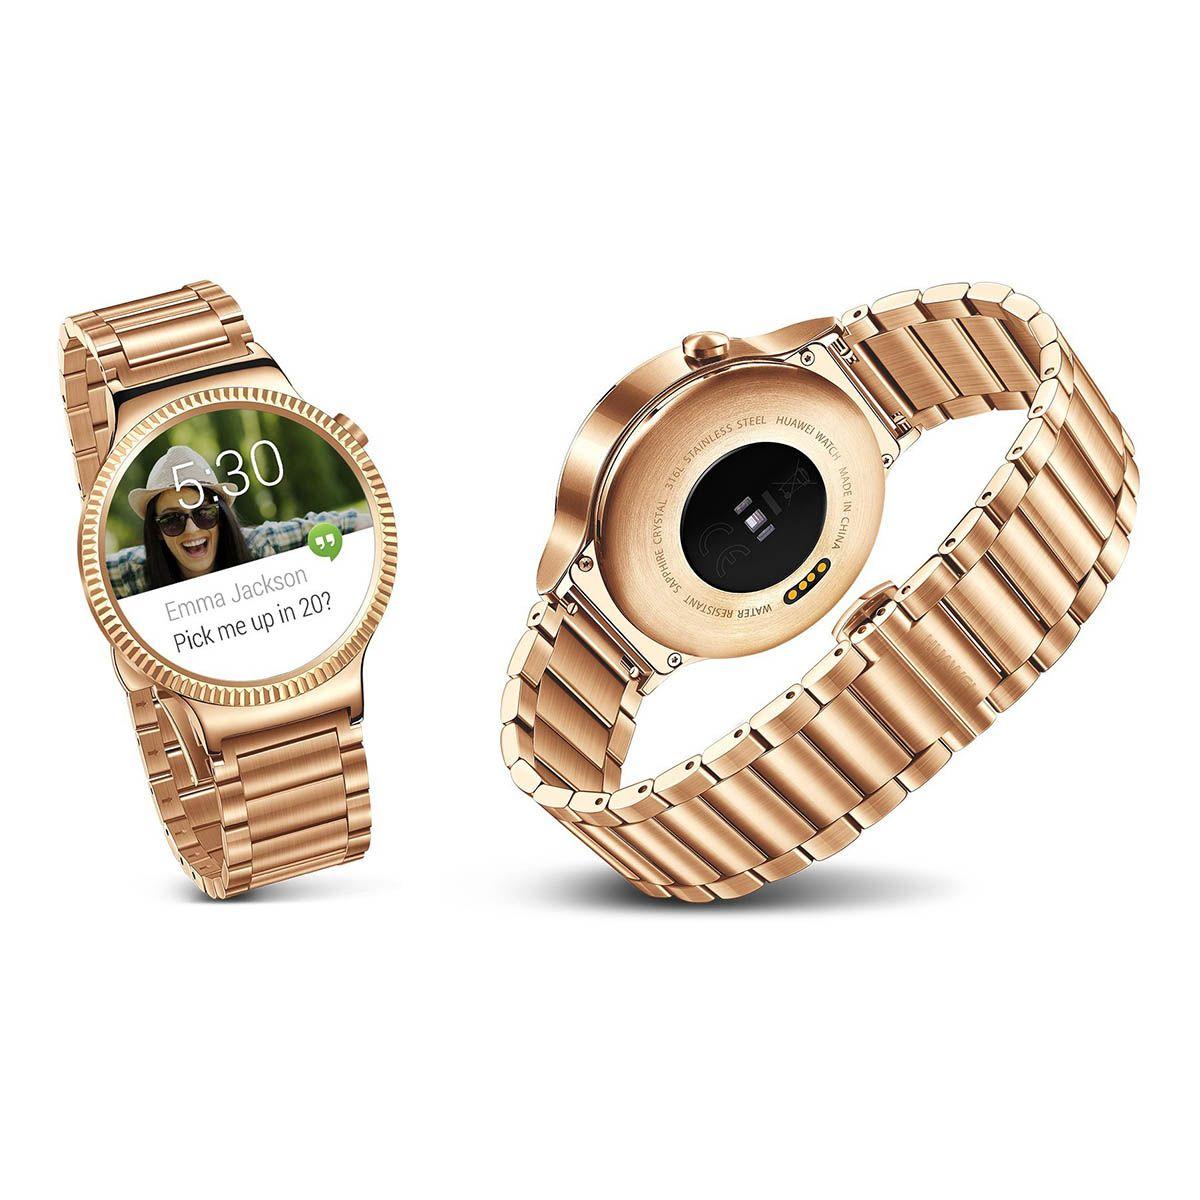 Montre connectée huawei watch elite or/metal - 15% de remise immédiate avec le code : top15 (photo)